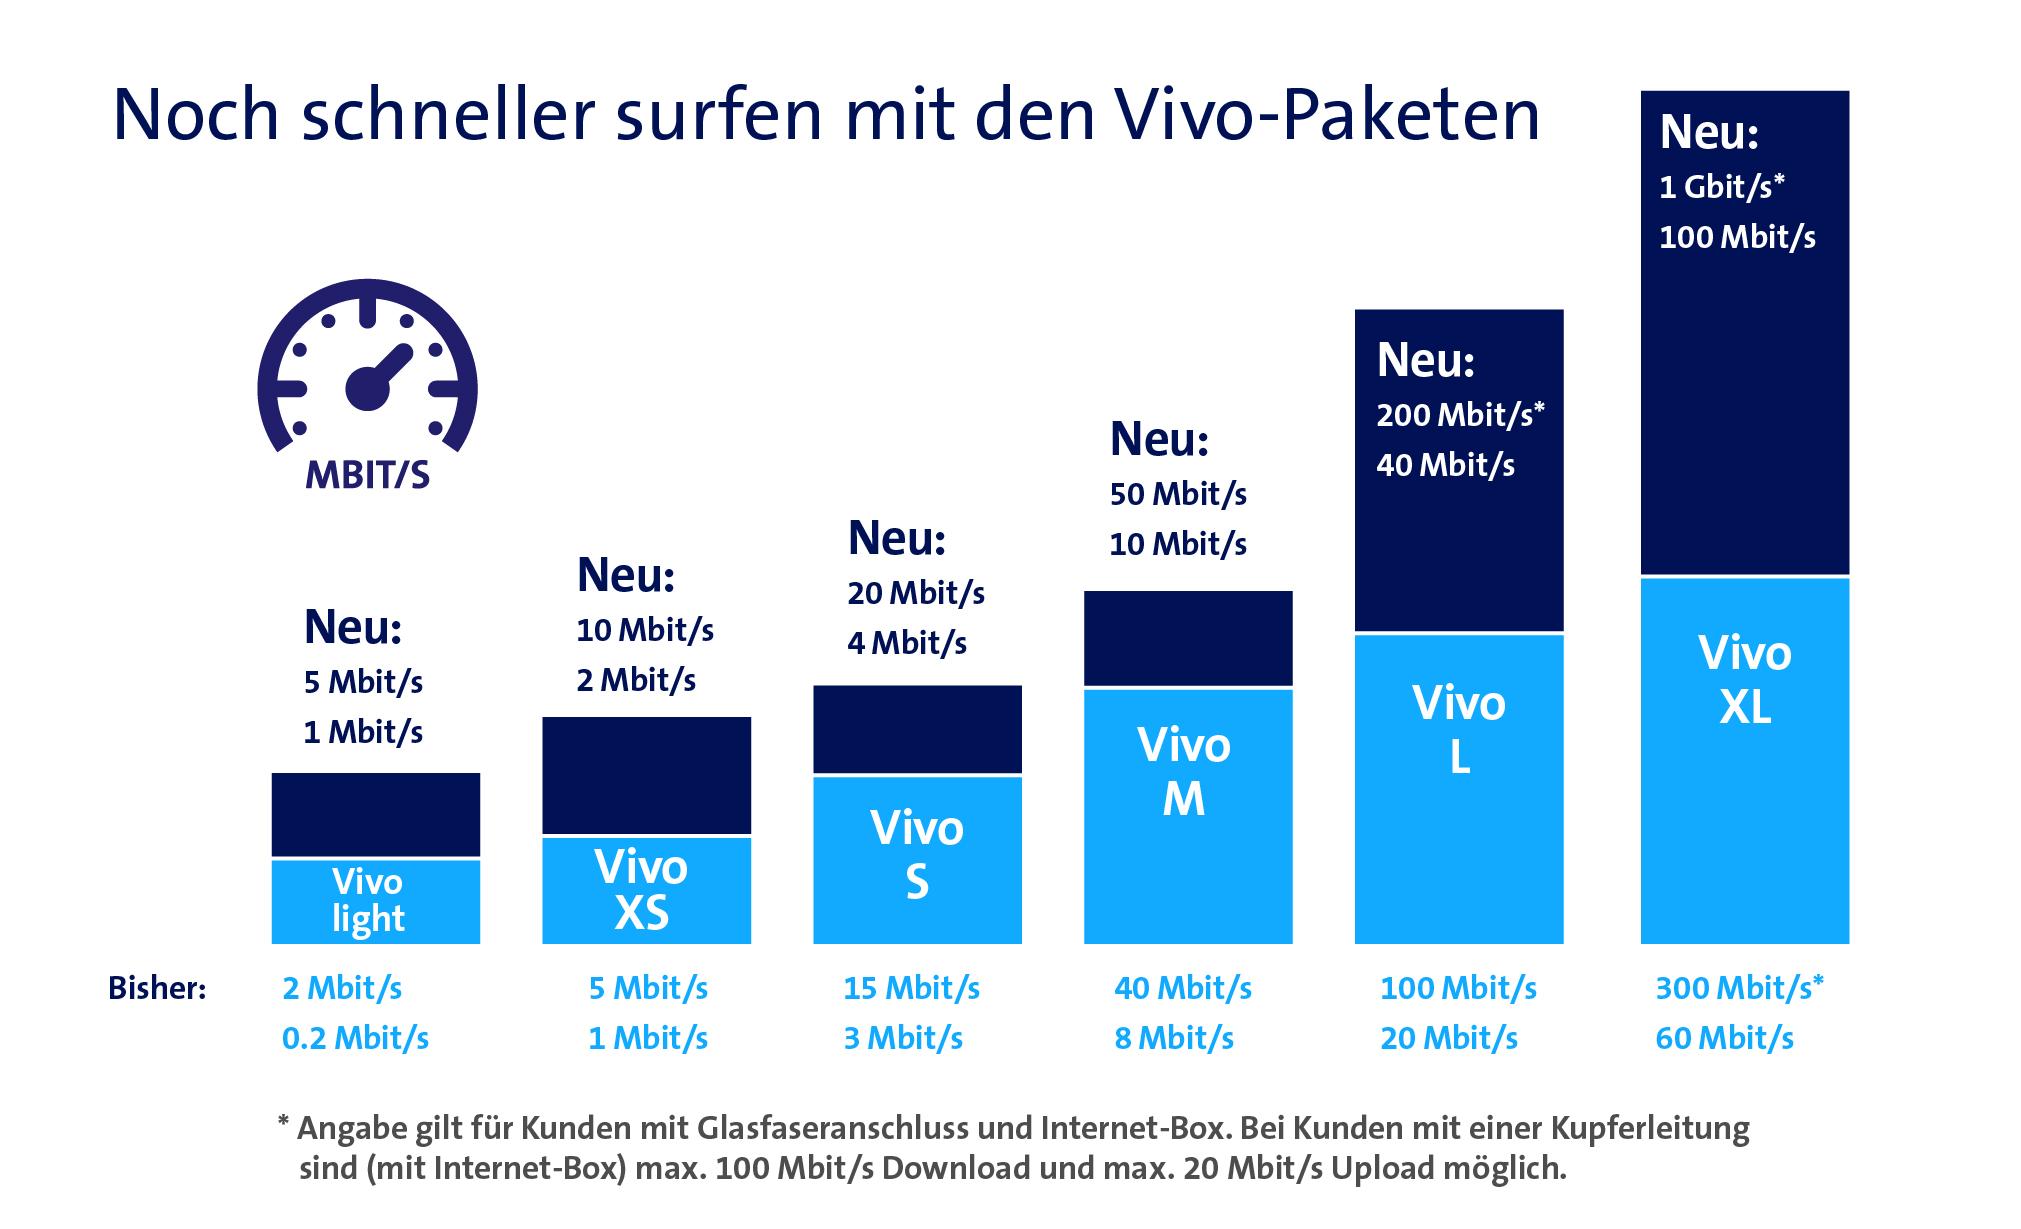 Grafik der Swisscom